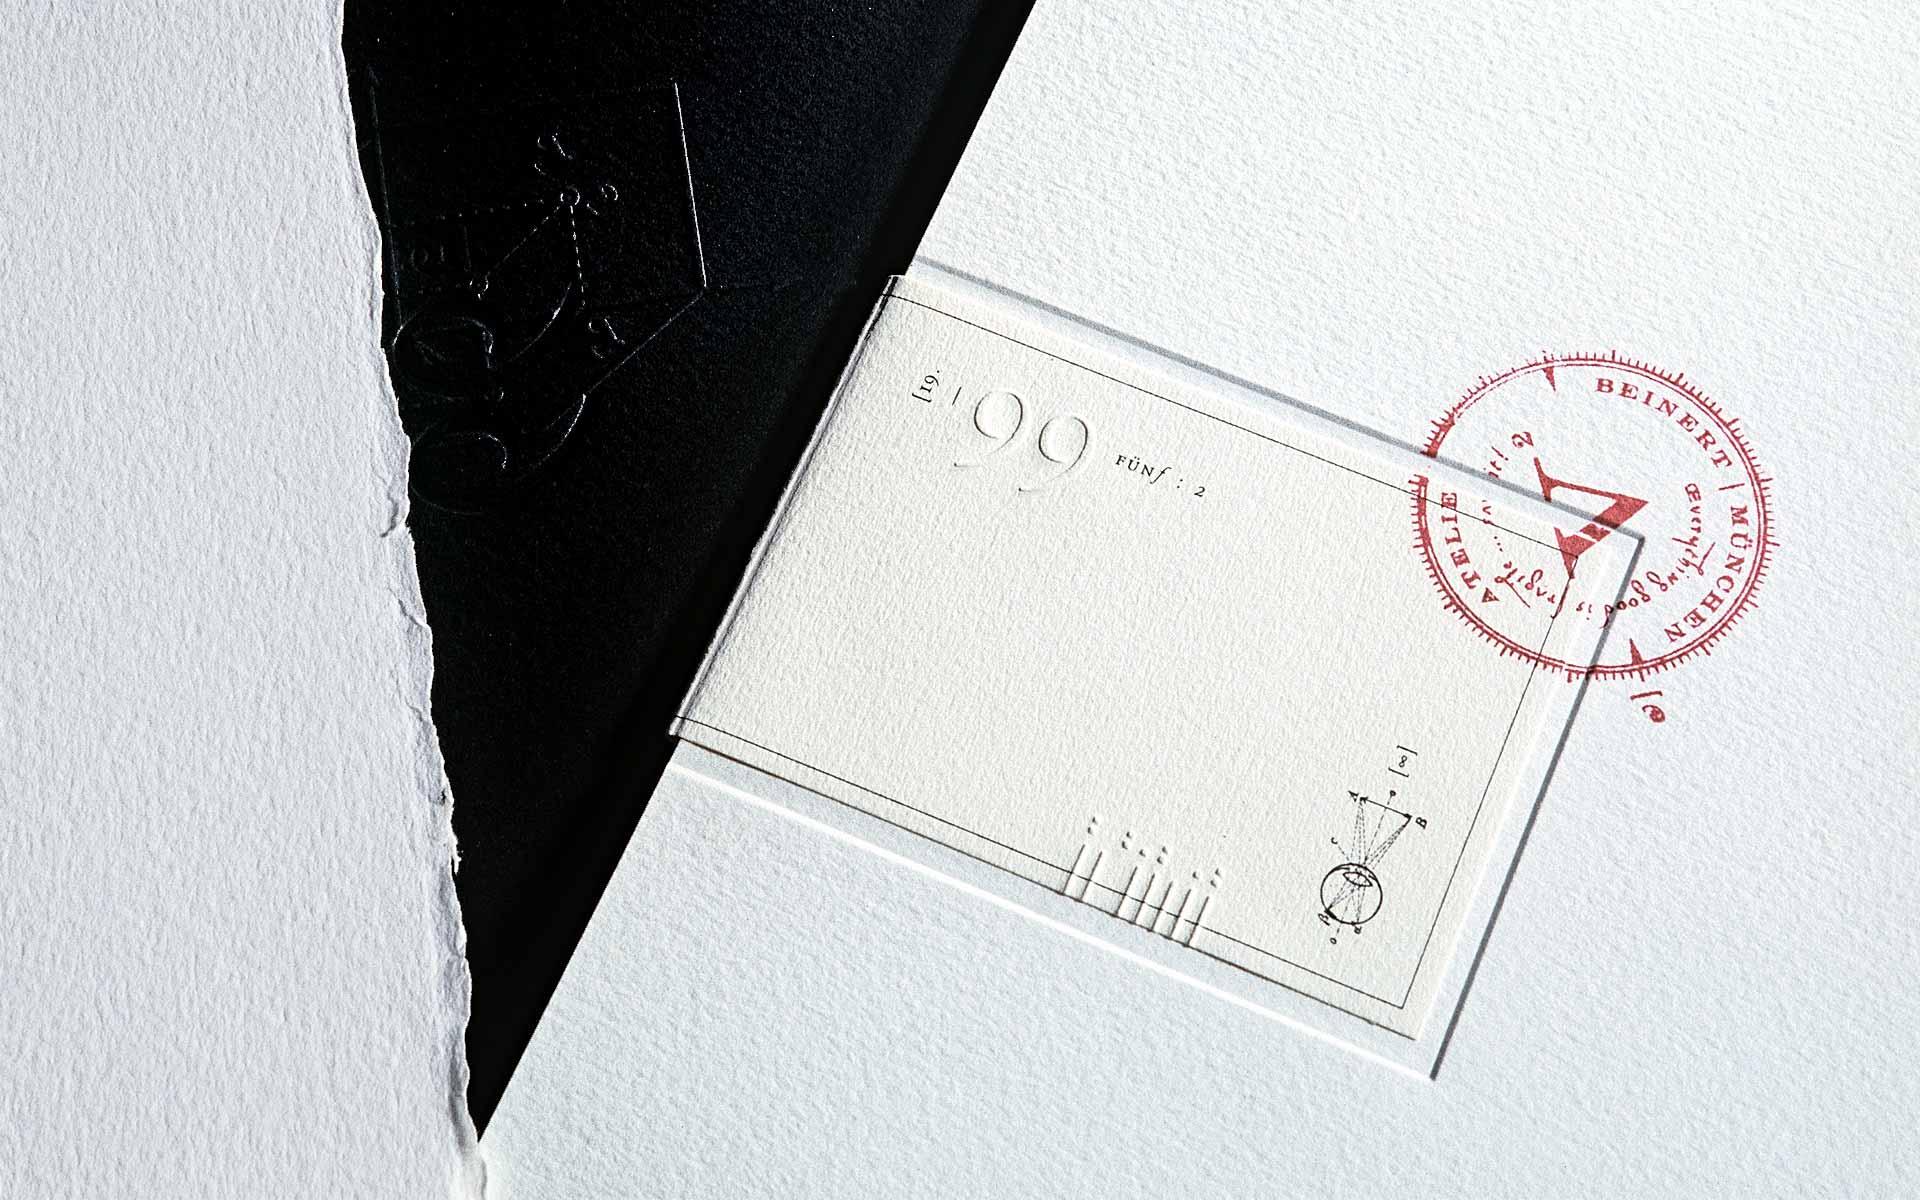 Atelier Beinert | Portfolio : 5 Arbeitsproben Vol. 2, Umschlag innen und außen mit Blindprägungen, Siegel und Stempel.